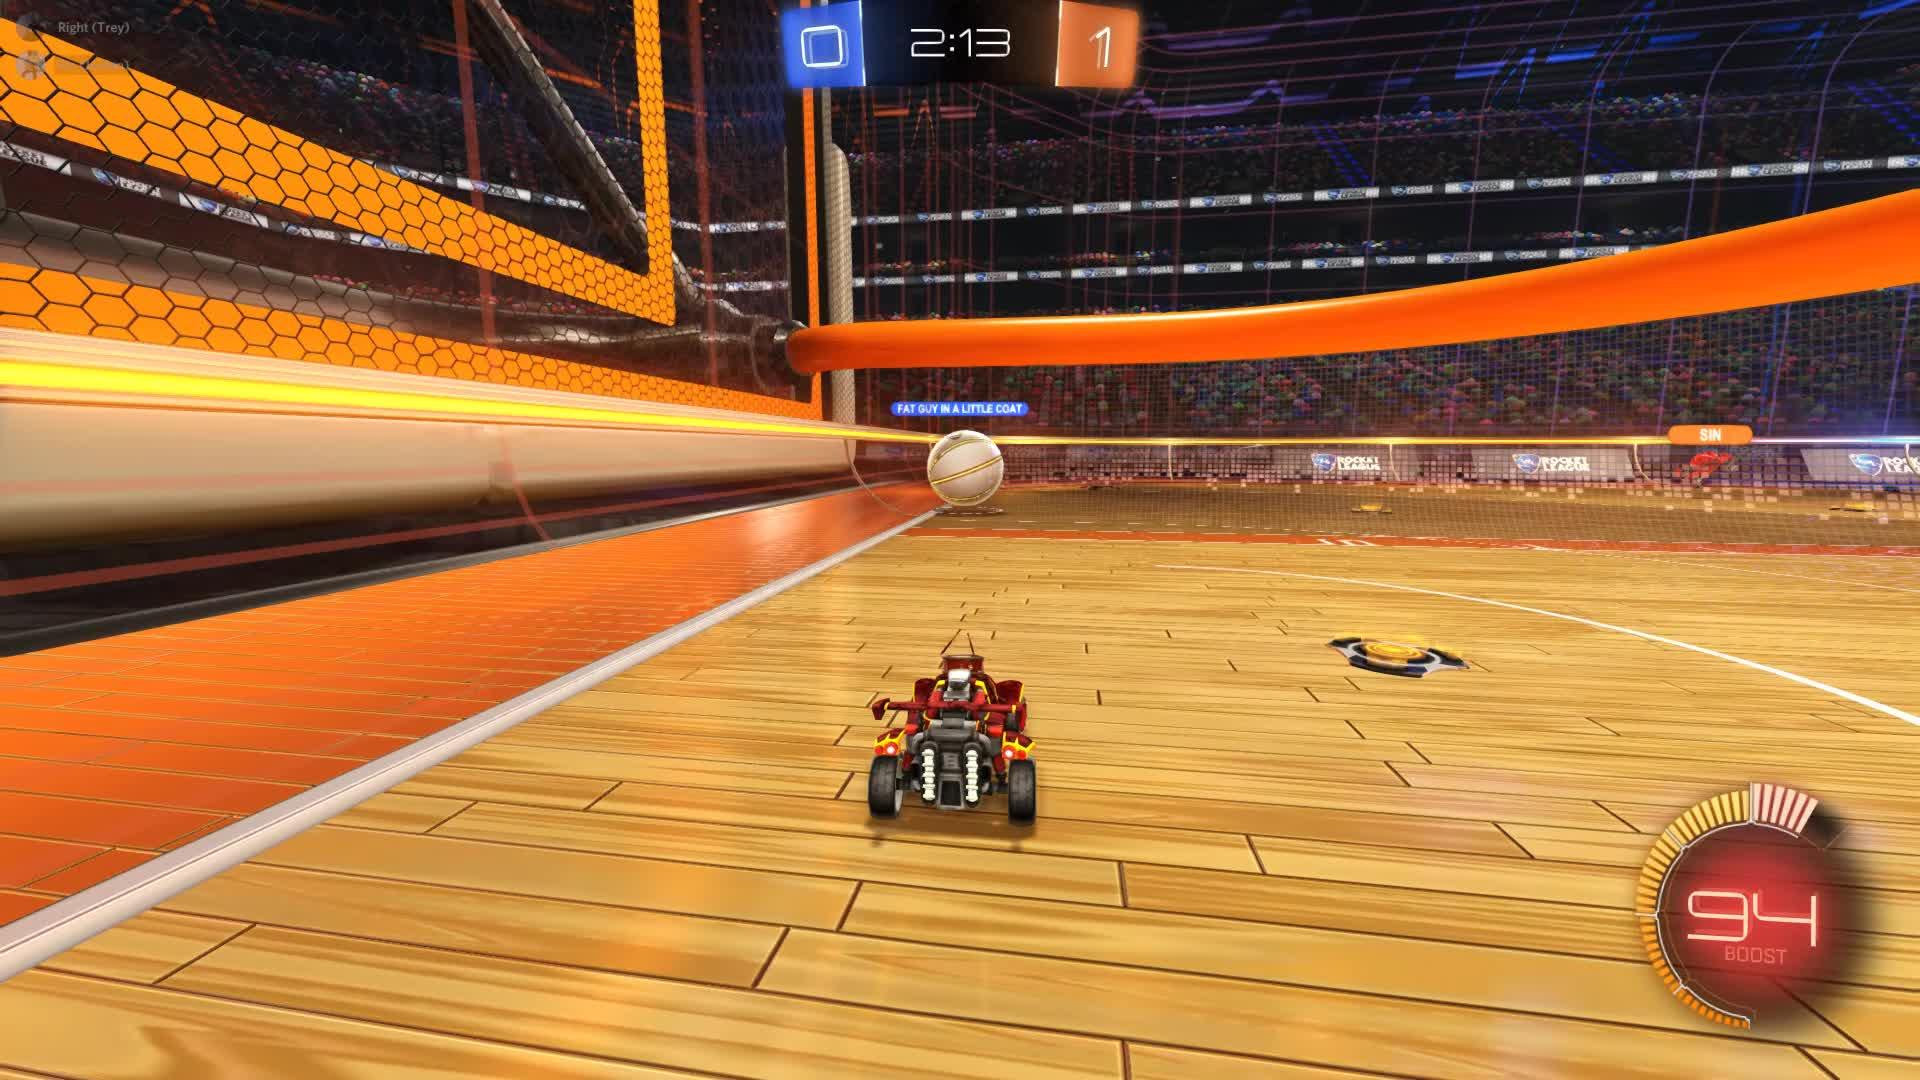 rocketleague, Hoops 24/7 GIFs